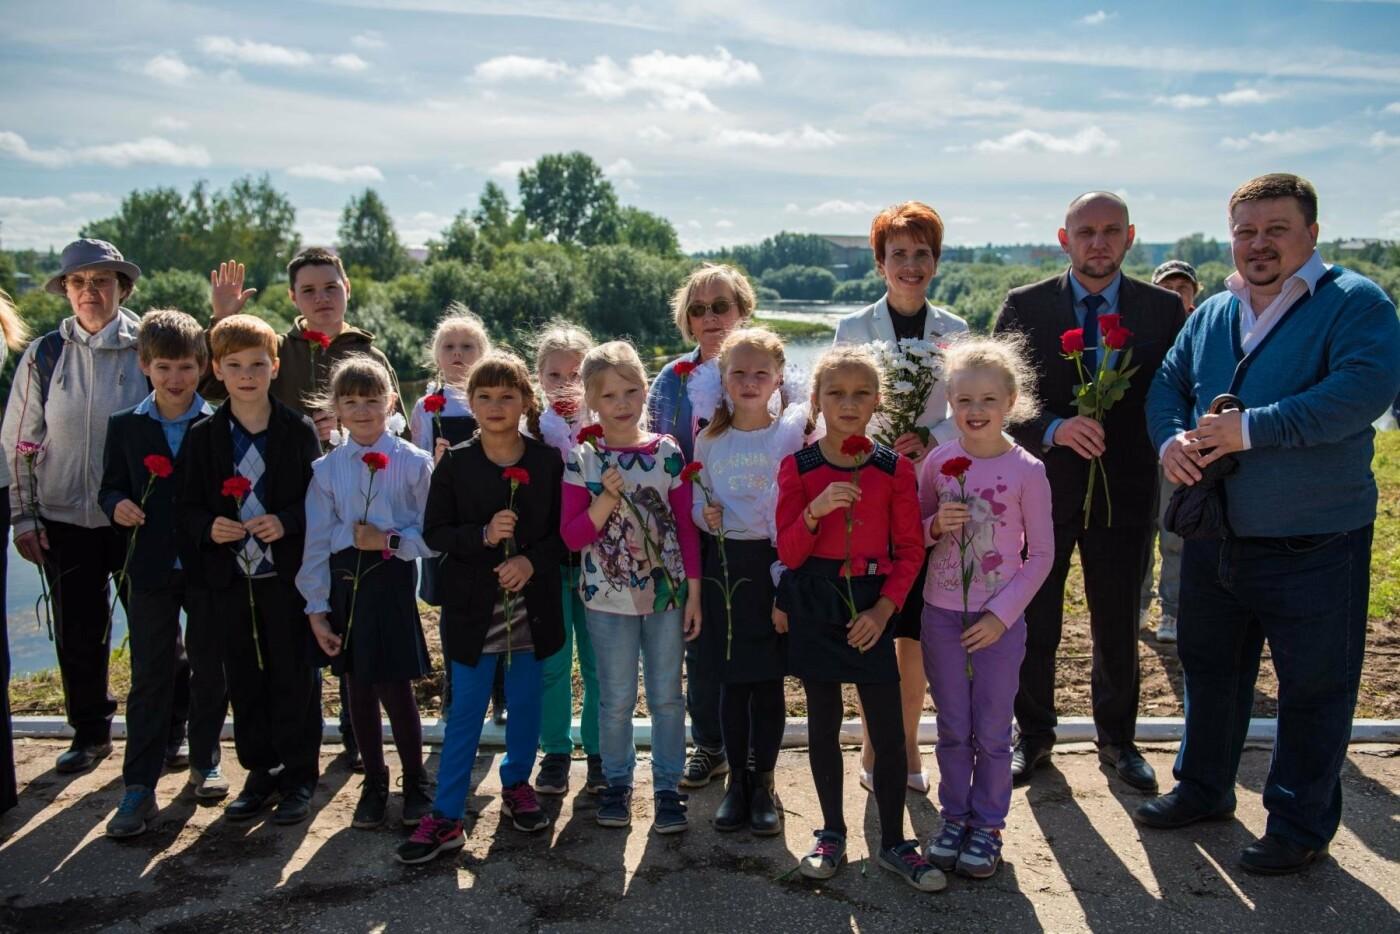 В Ухте вспоминали основателей города, фото-4, Фото предоставлено пресс-службой АМОГО «Ухта»